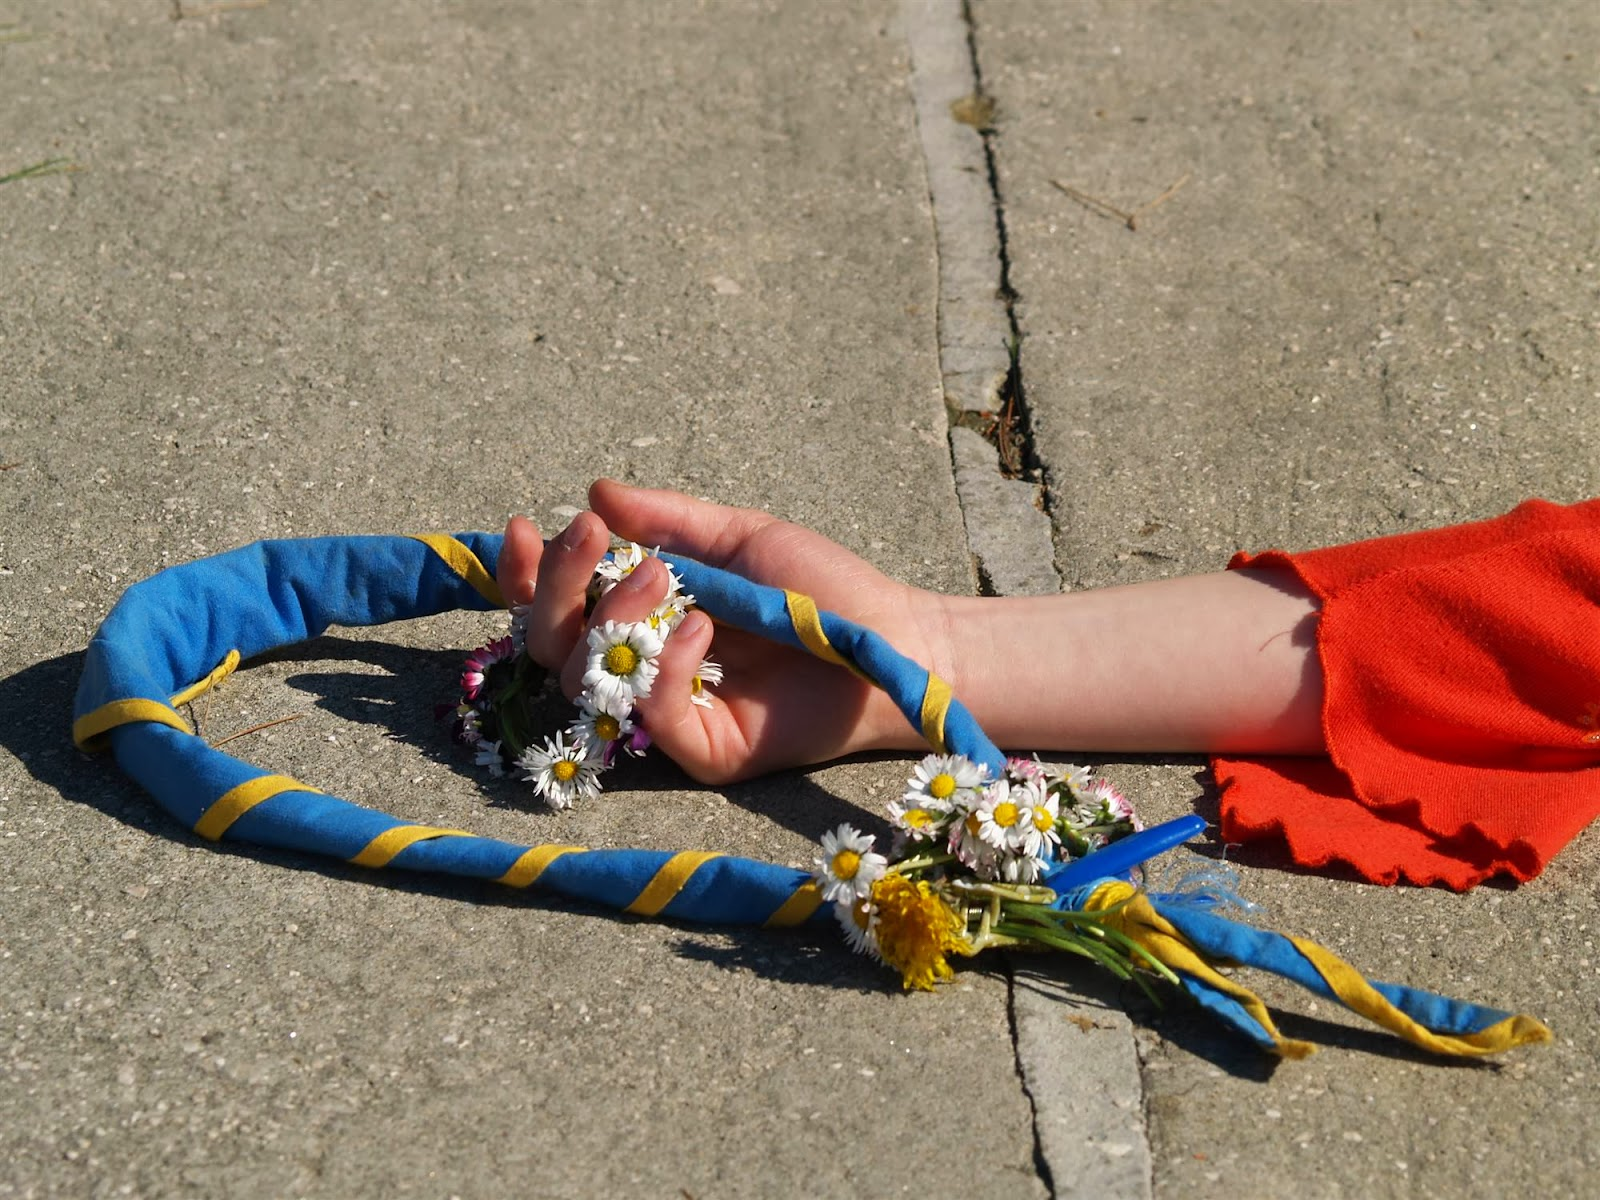 Motivacijski vikend, Lucija 2007 - P0105881.JPG